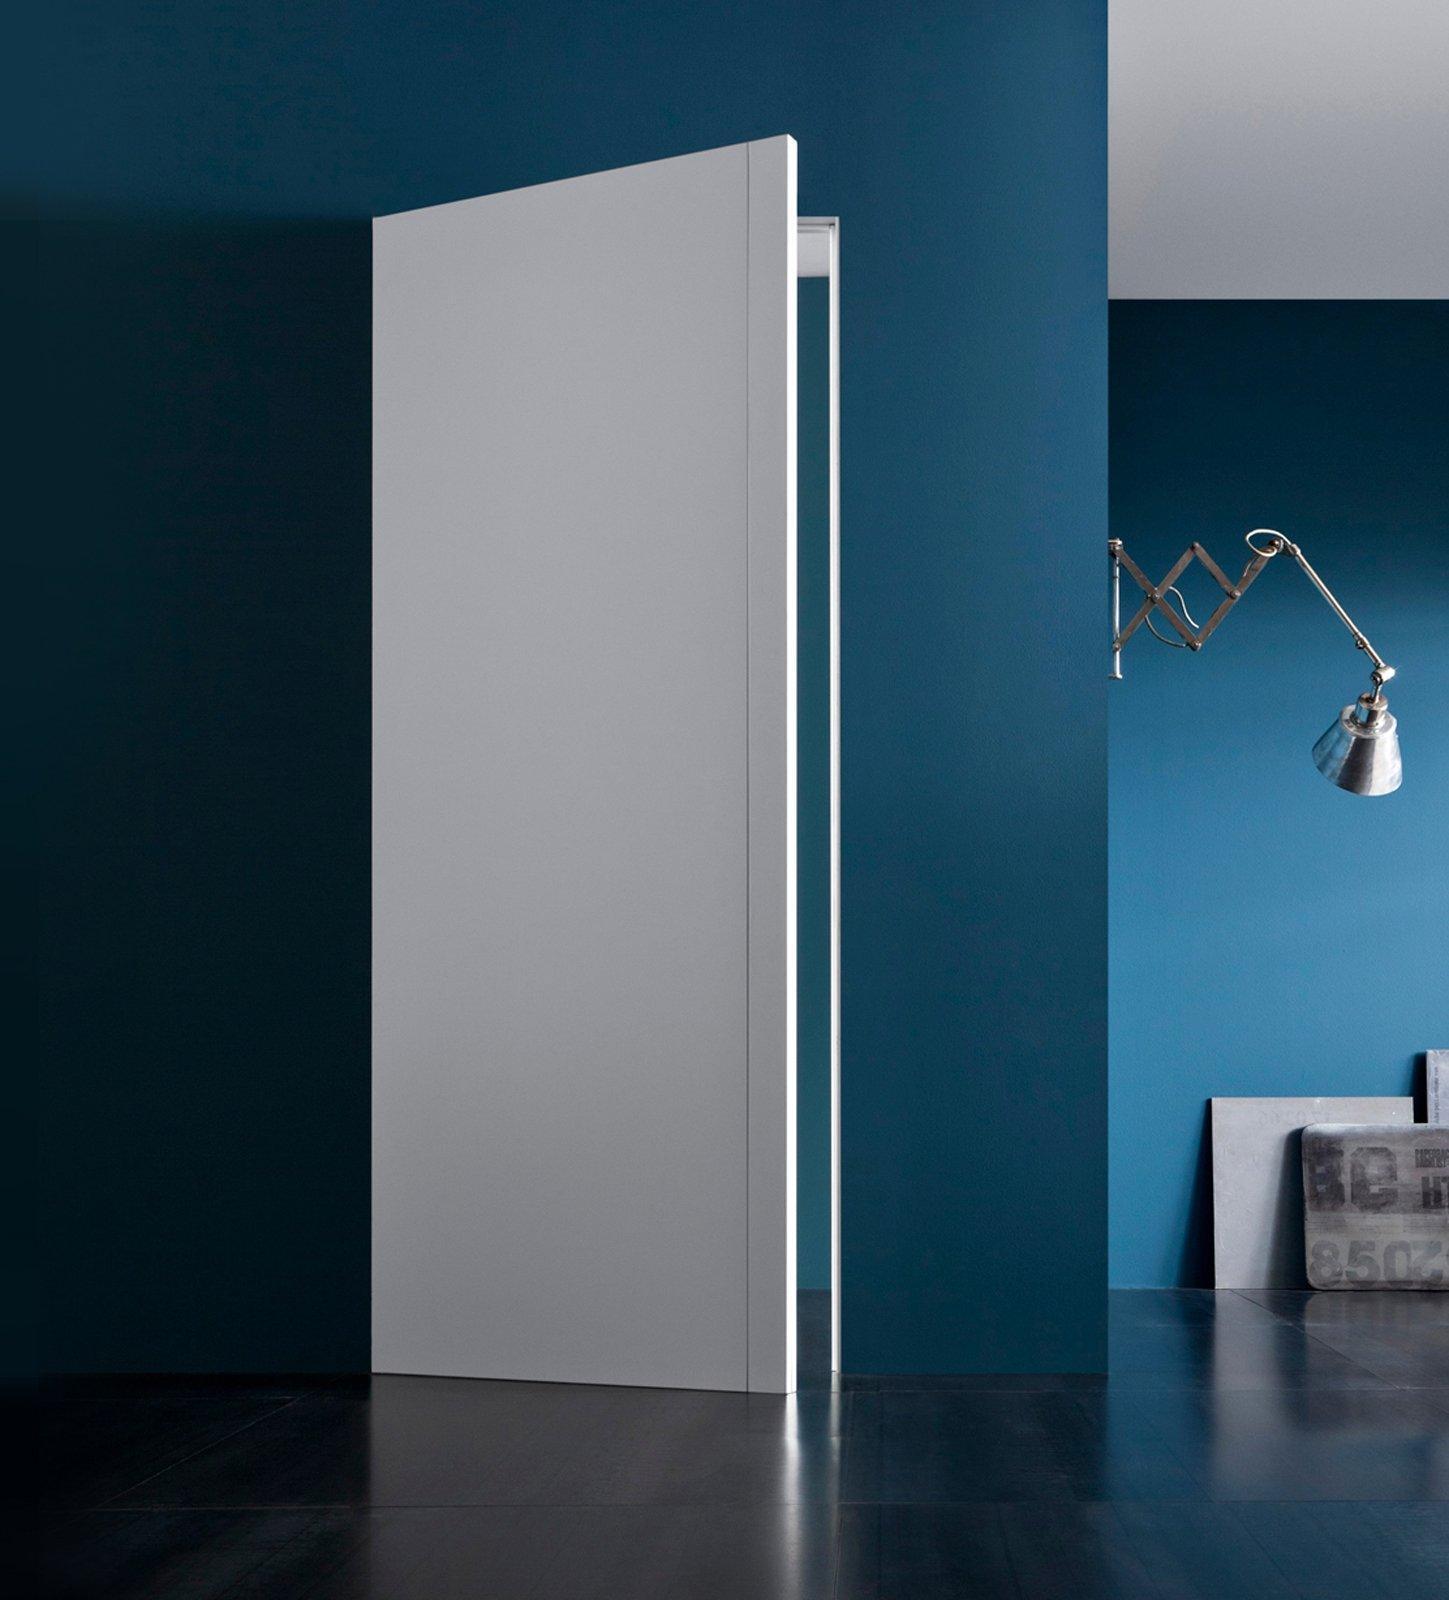 Porte e arredo i consigli su come abbinare stili e - Altezza maniglia porta ...